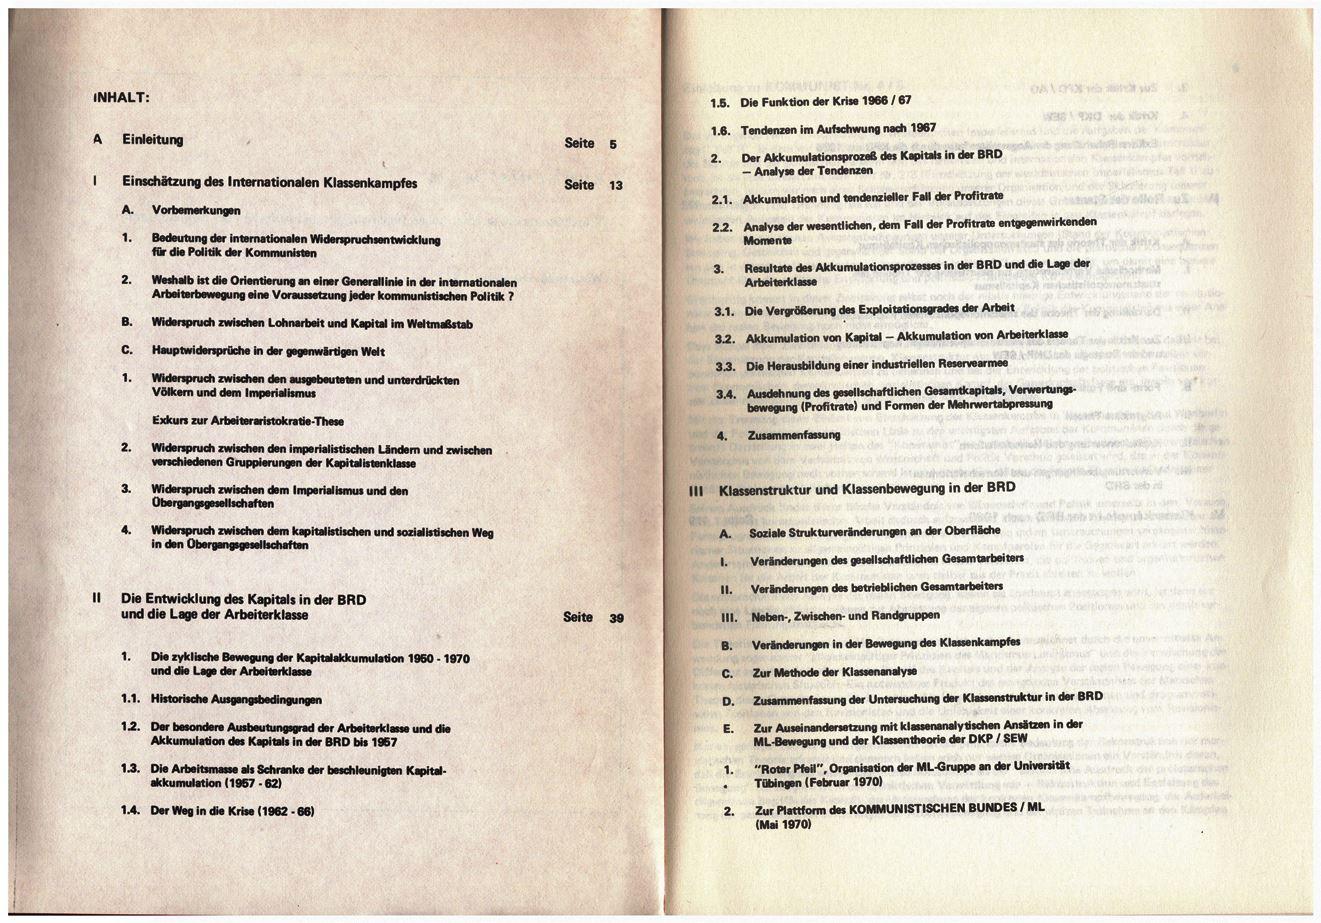 Berlin_KBML_Kommunist003